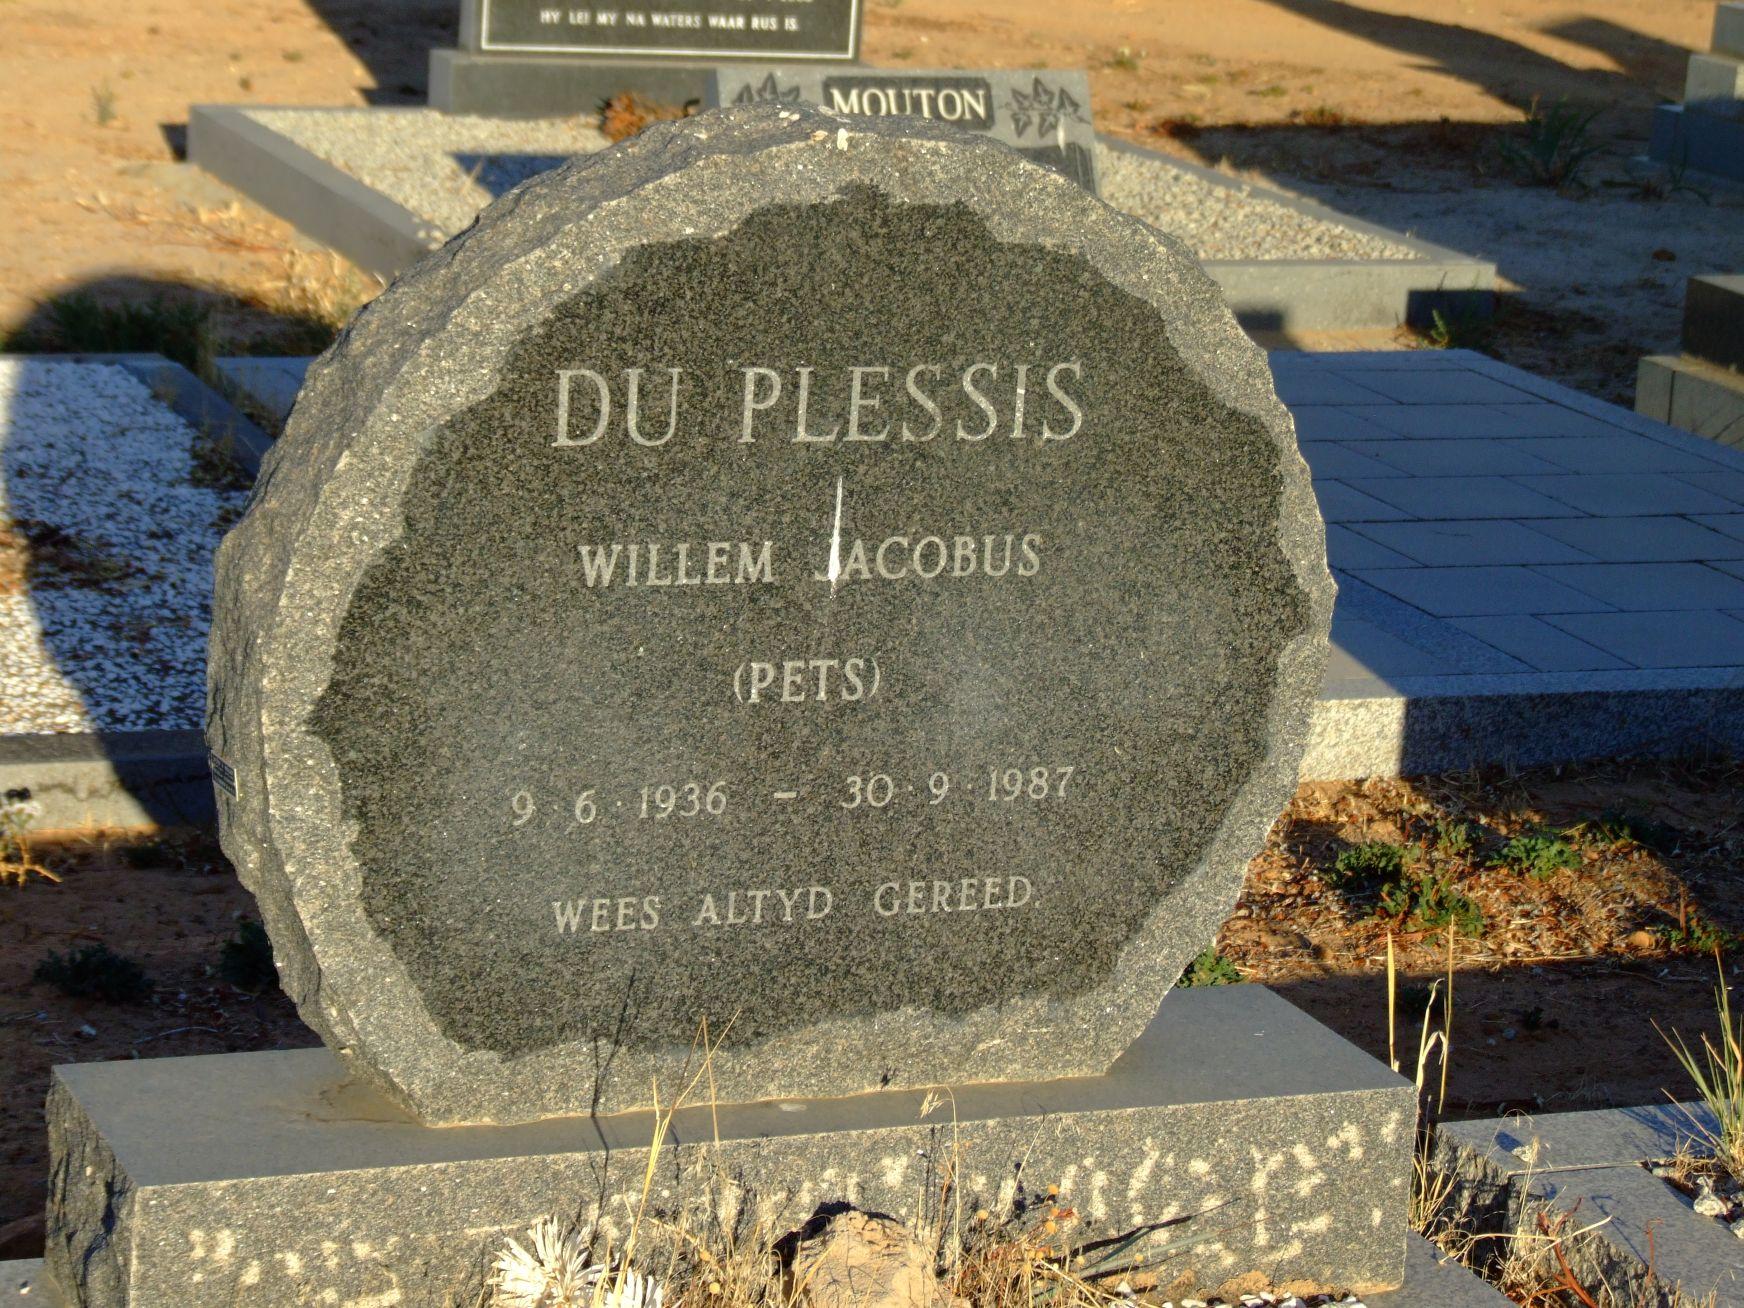 Du Plessis,Willem Jacobus(Pets)